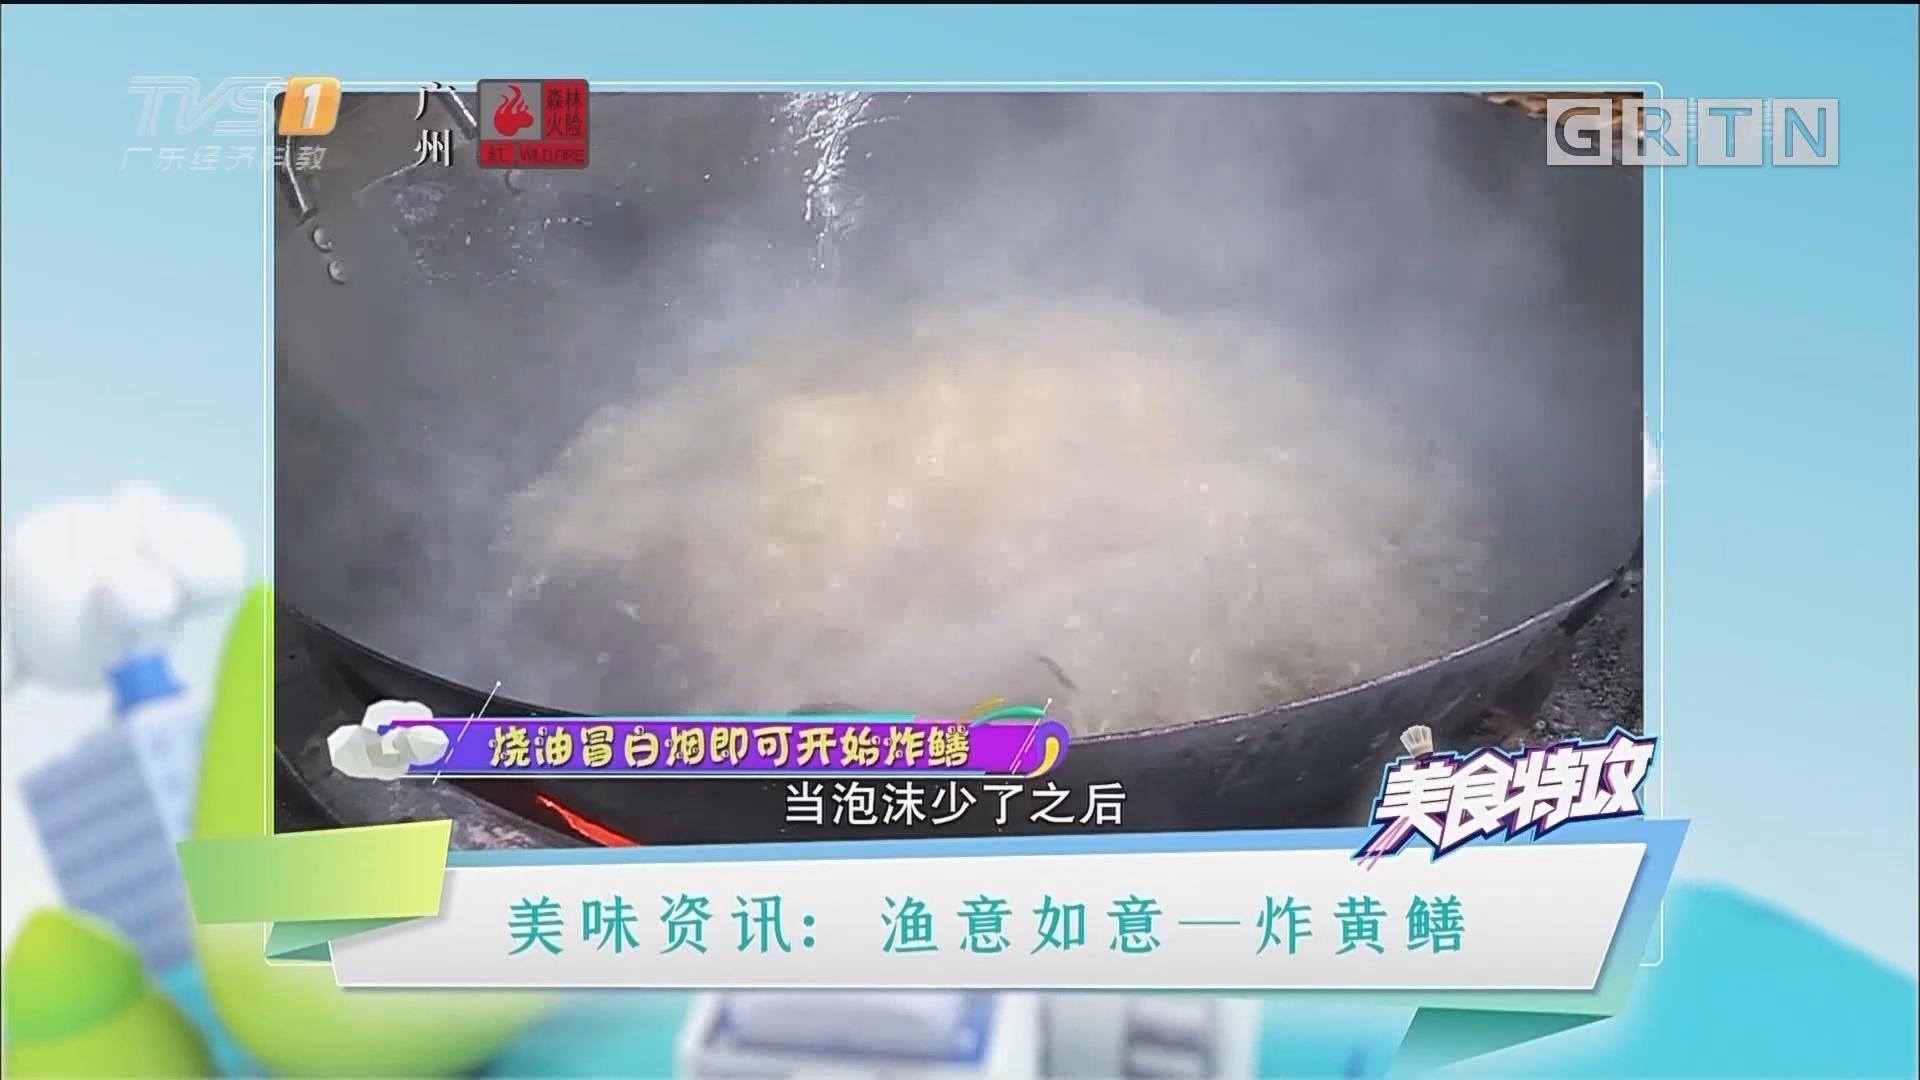 美味资讯:渔意如意——炸黄鳝